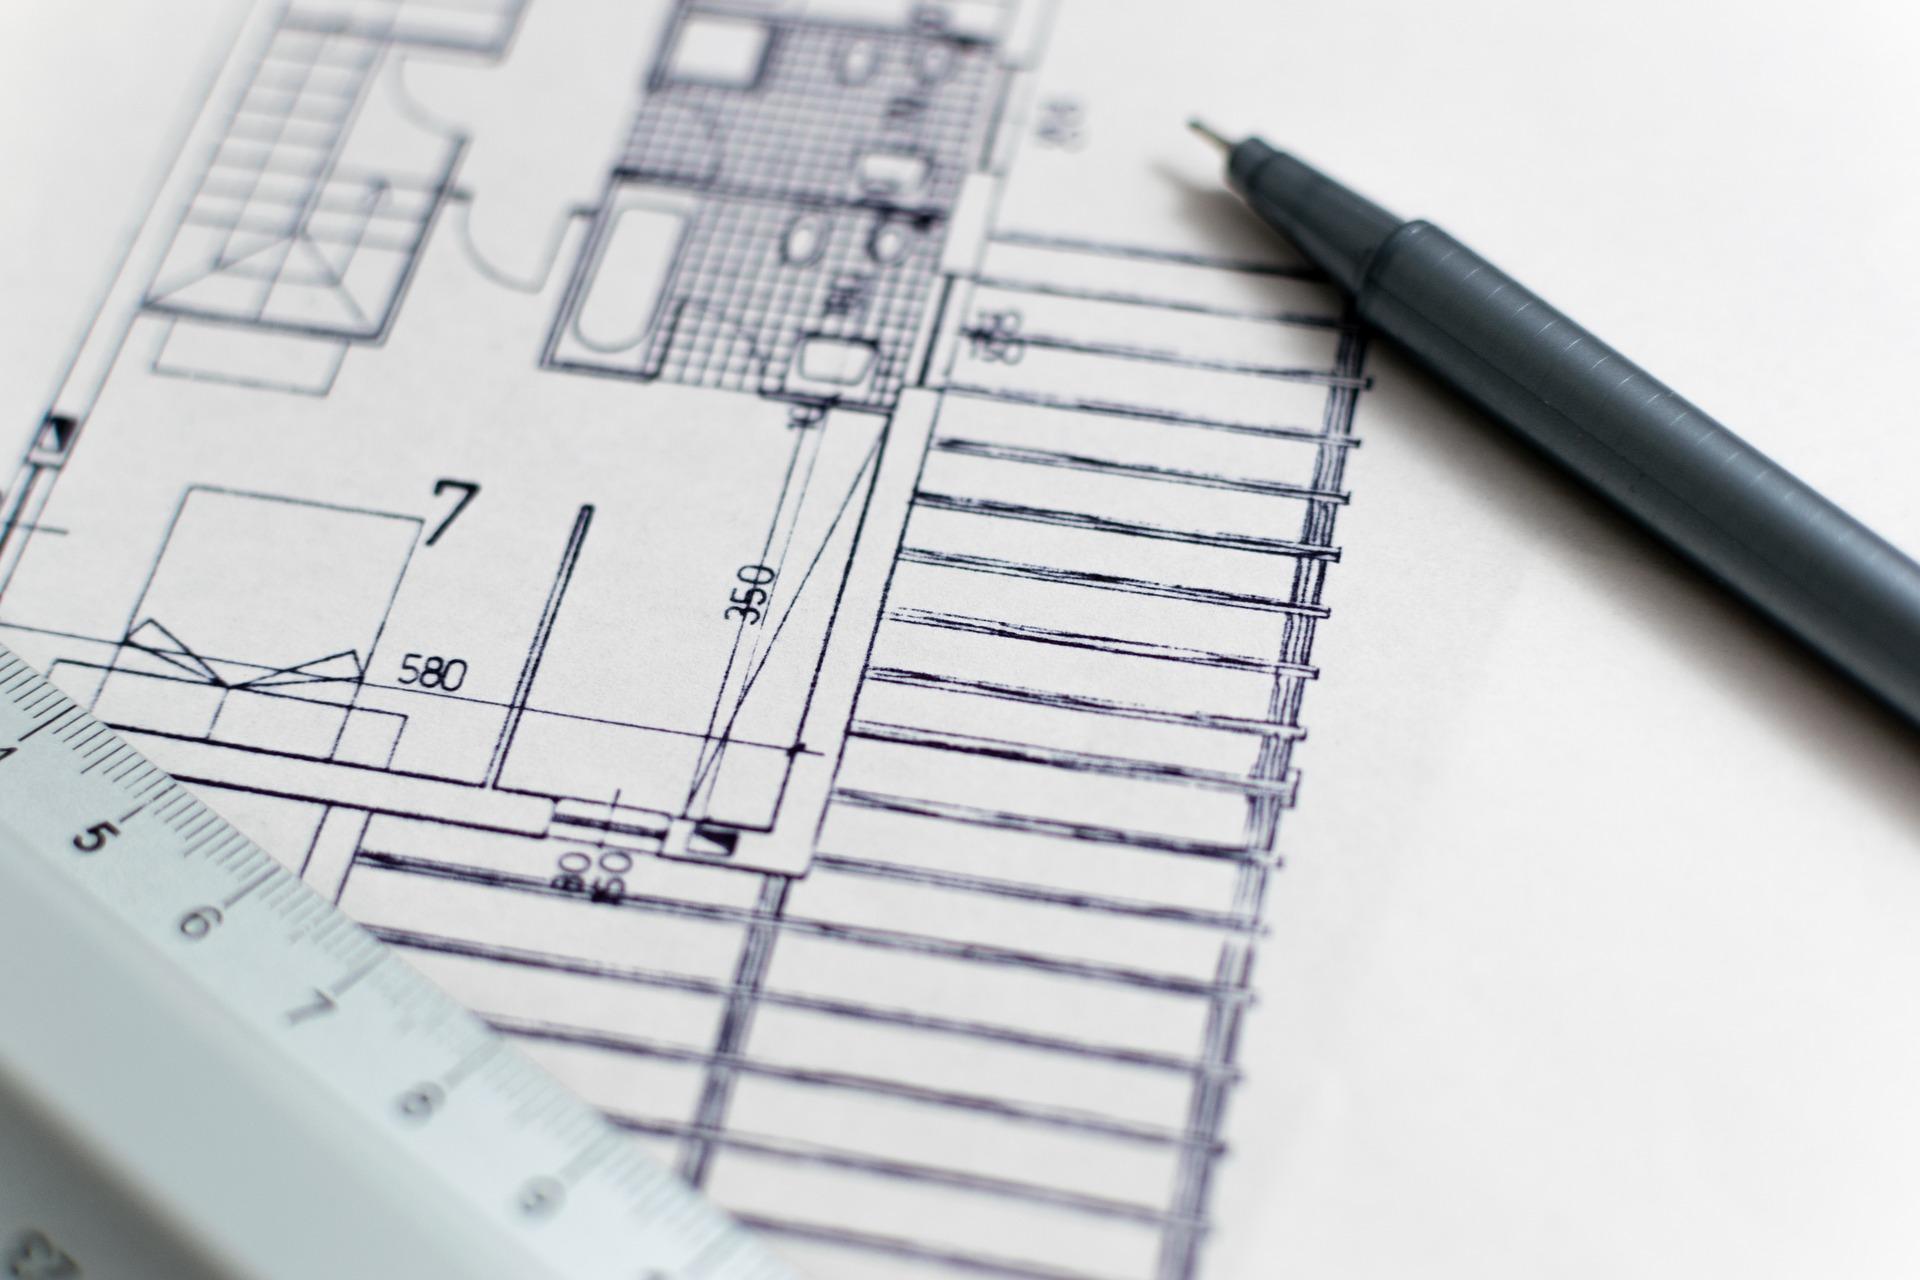 architecture-1857175_1920_1560207509327.jpg